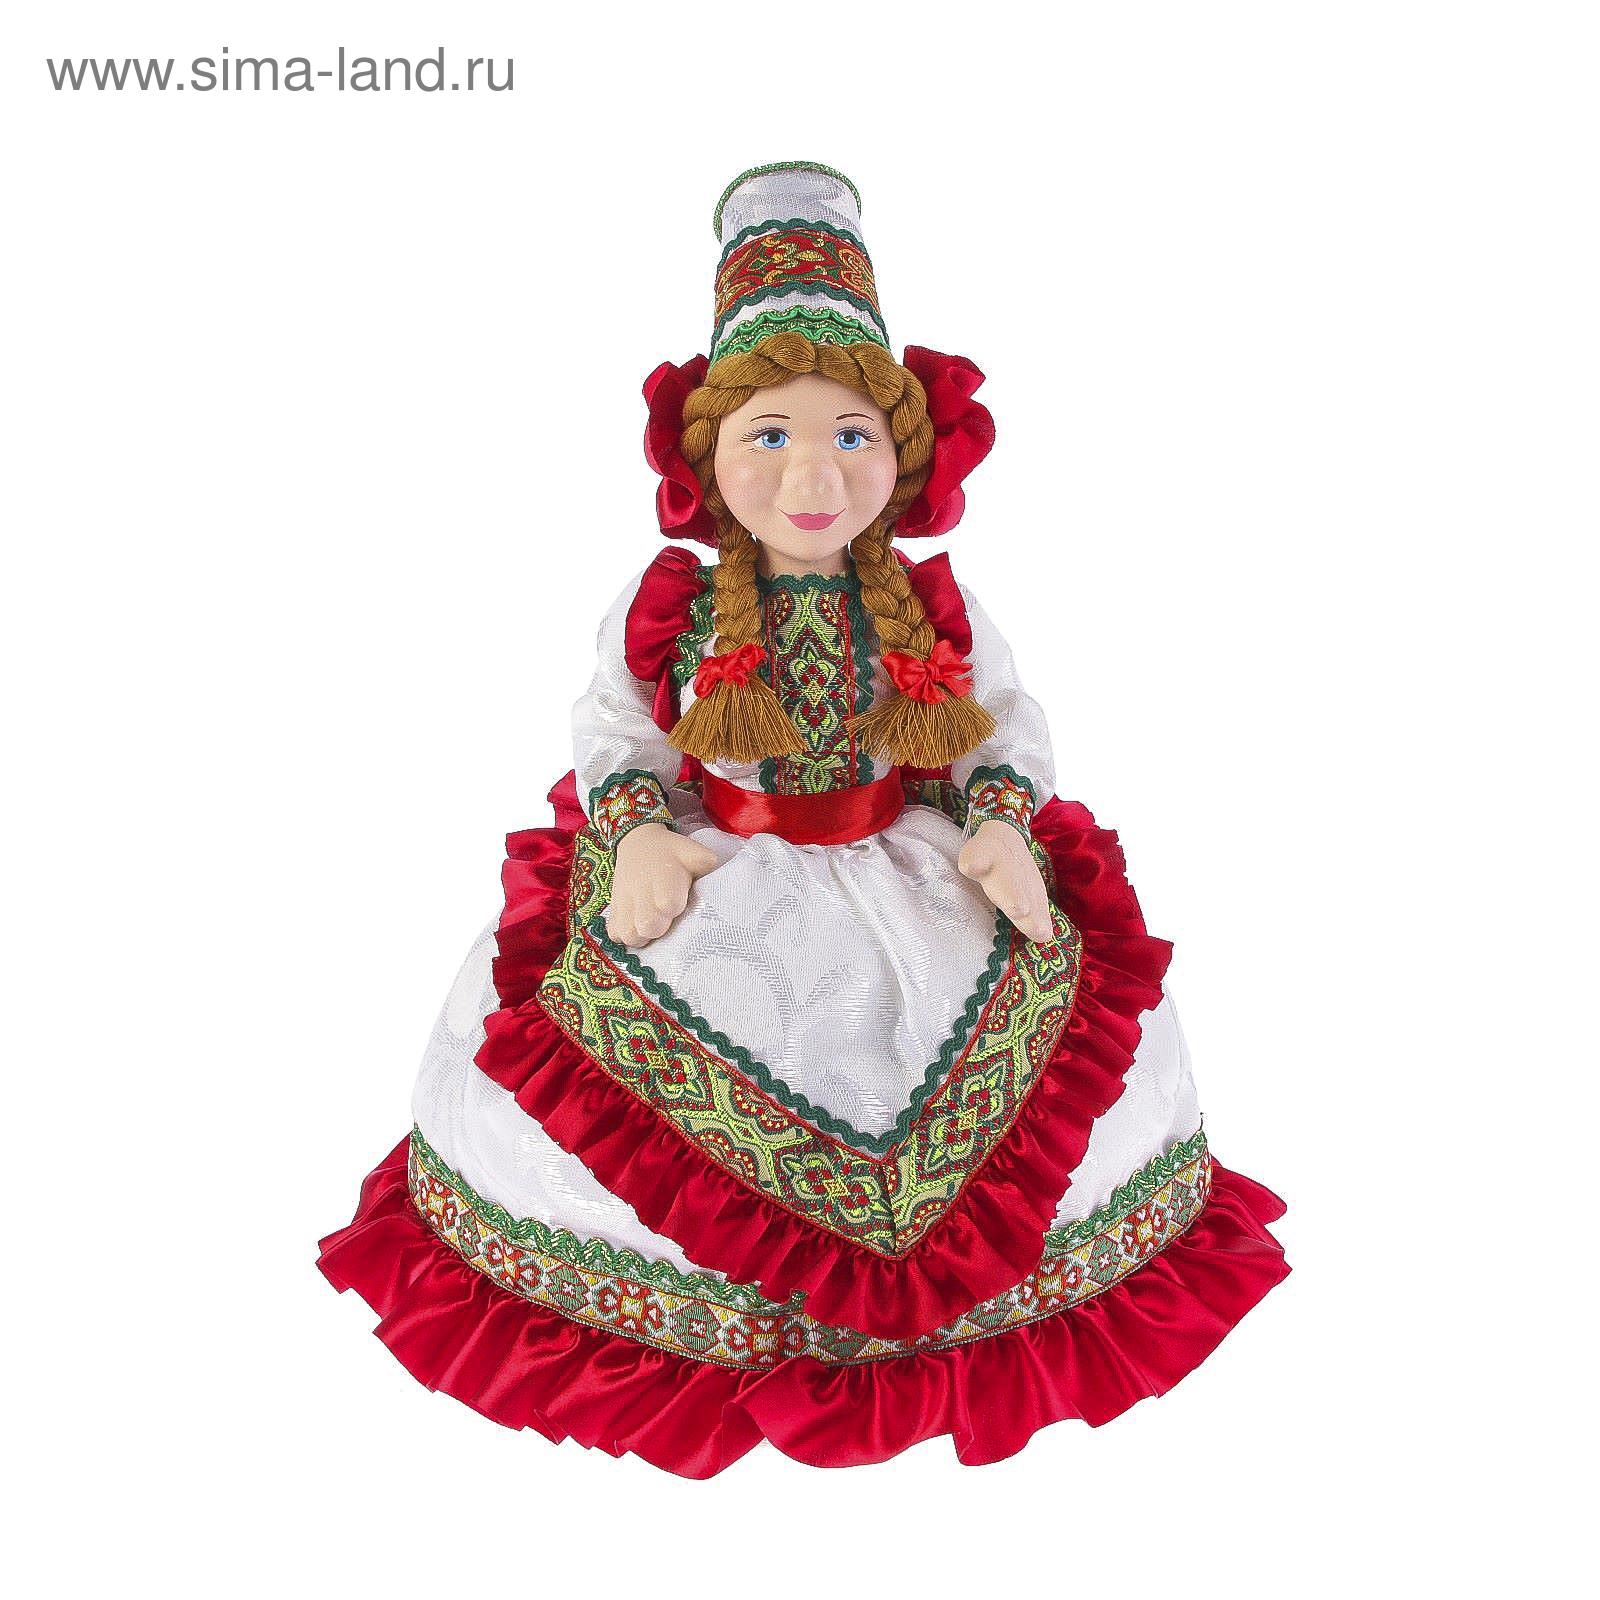 """Авторская сувенирная кукла на чайник """"Машенька в белом ..."""